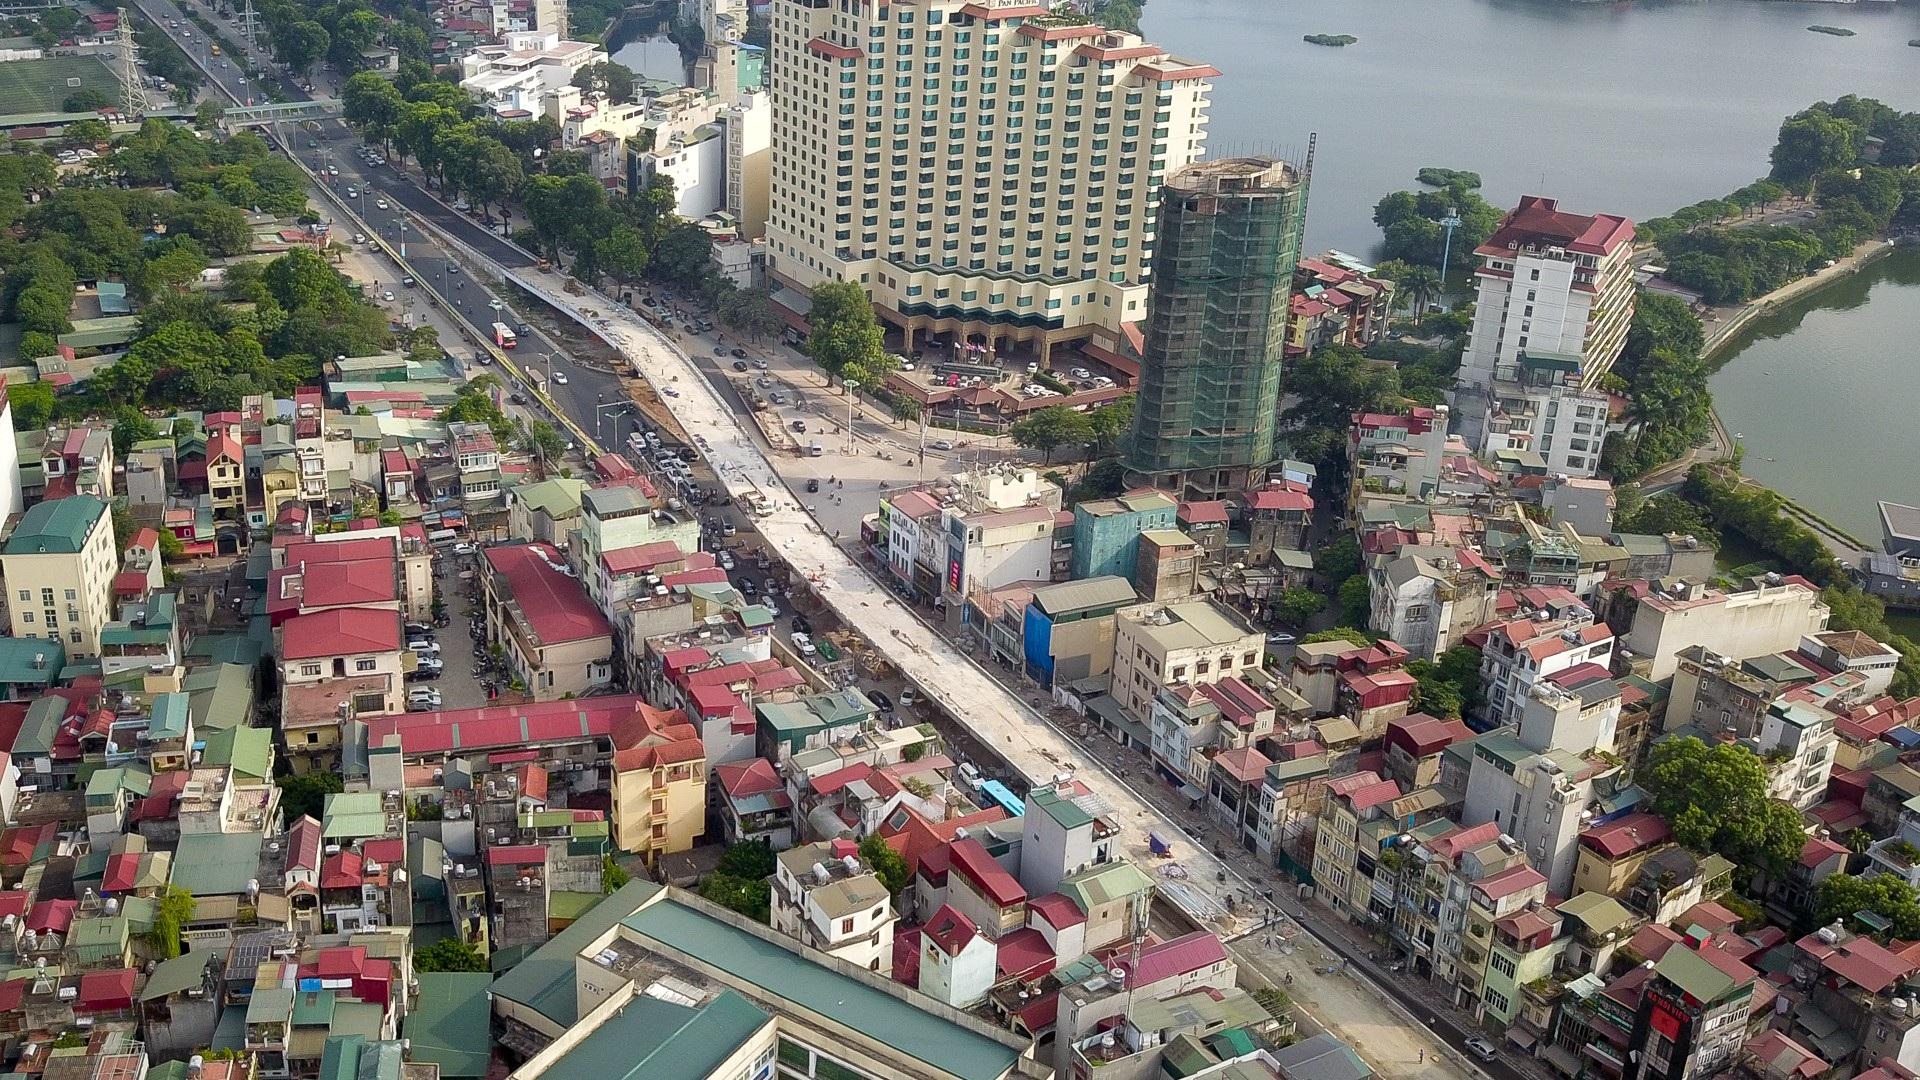 Hà Nội: Toàn cảnh dự án cầu vượt An Dương sau hơn một năm thi công - Ảnh 1.